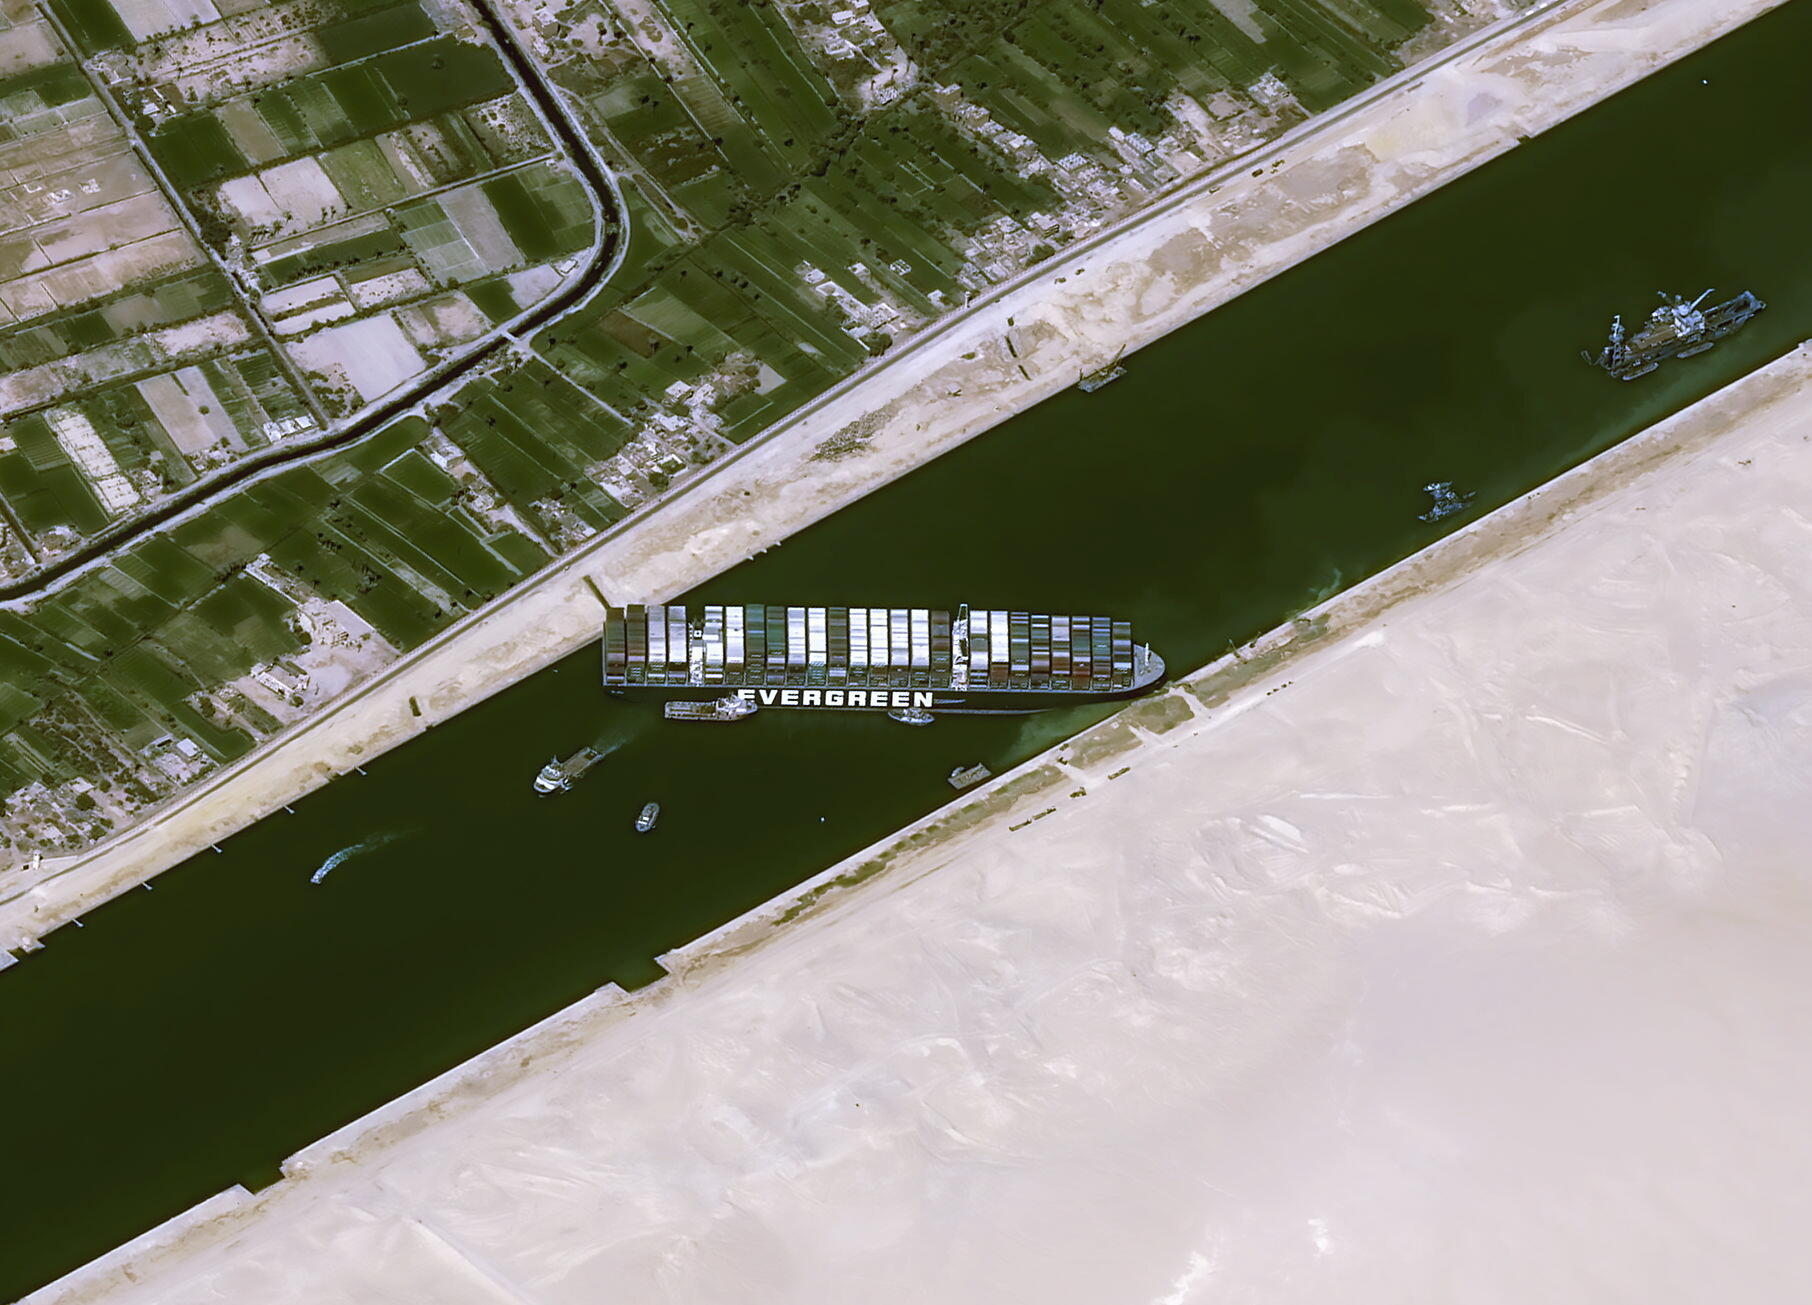 Ảnh vệ tinh cho thấy cảnh tàu Ever Given (của tập đoàn Đài Loan Evergreen) chắn ngang kênh Suez. Ảnh chụp ngày 25/03/2021.